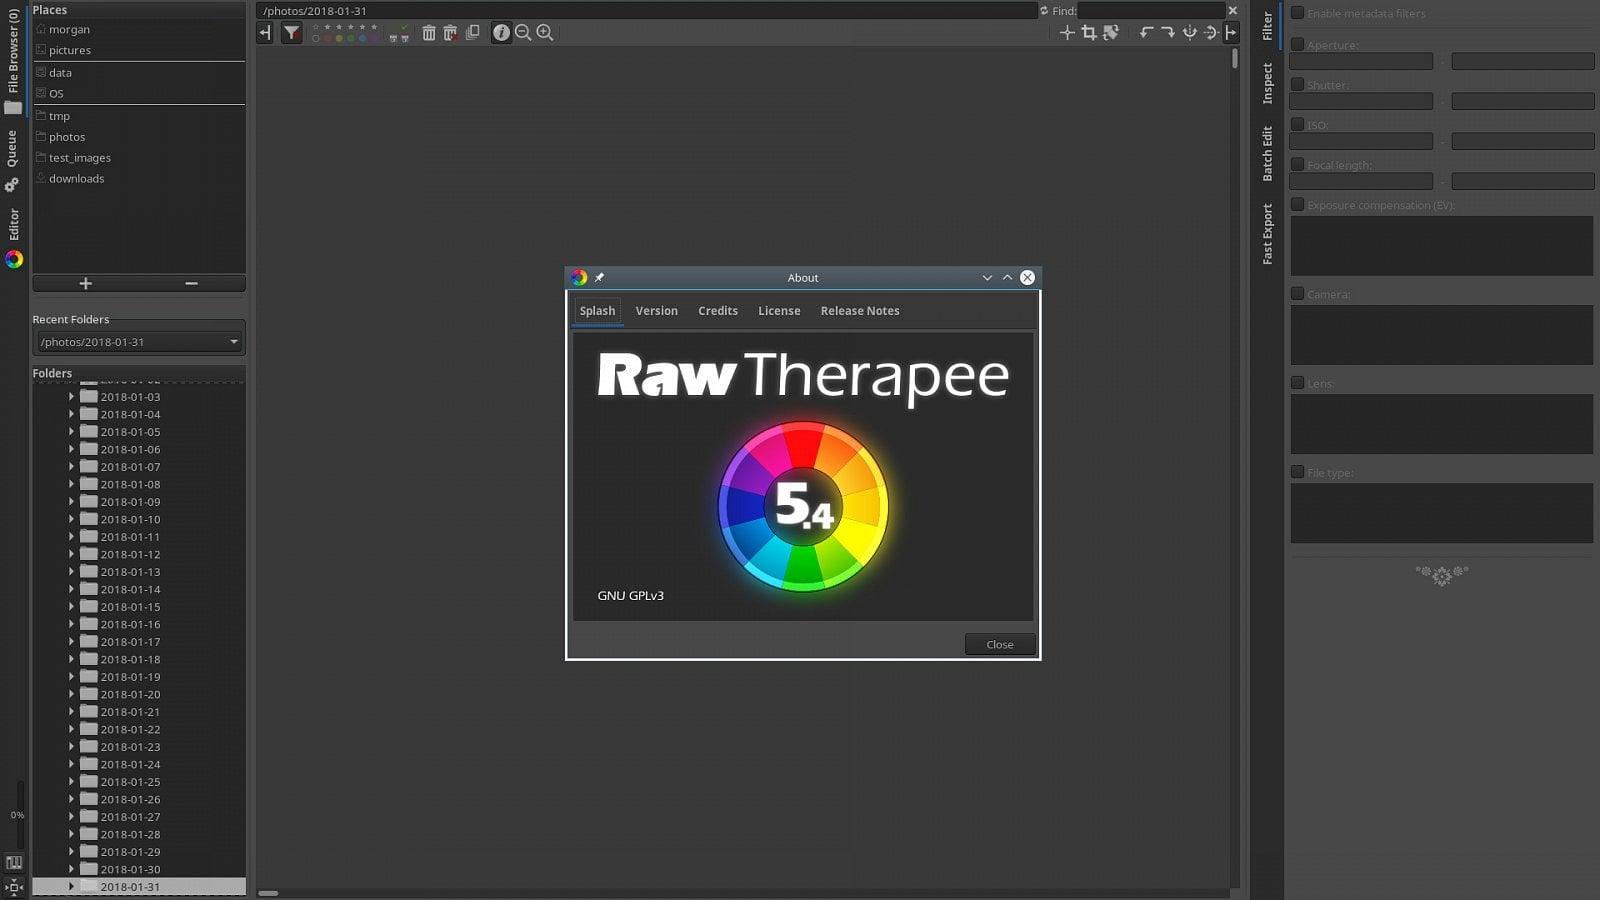 RawTherapee 5.4